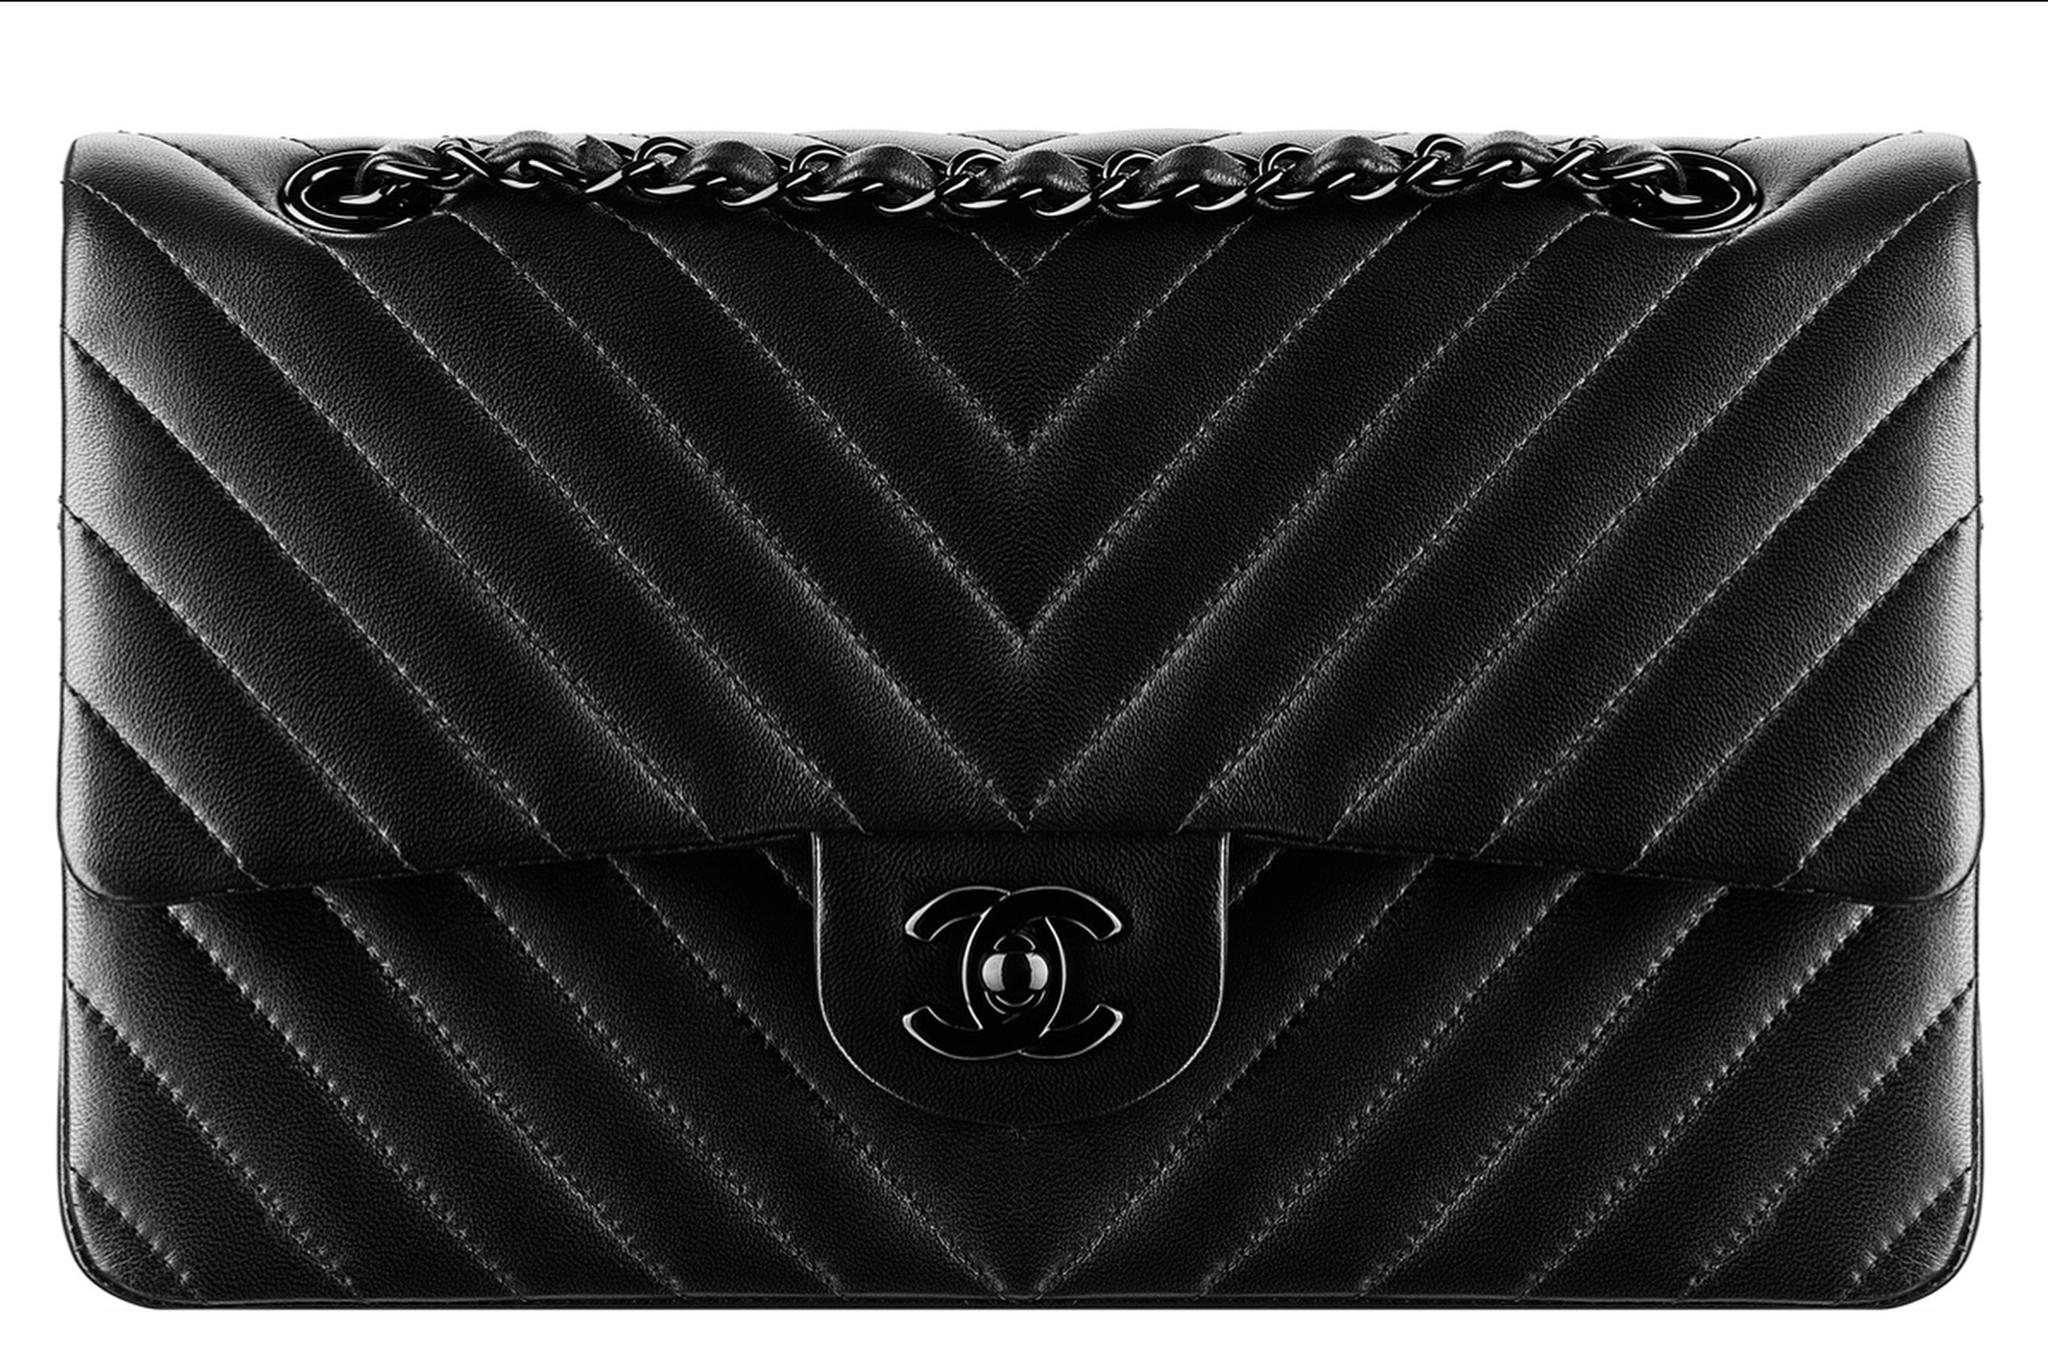 Chanel's 11.22 Bag